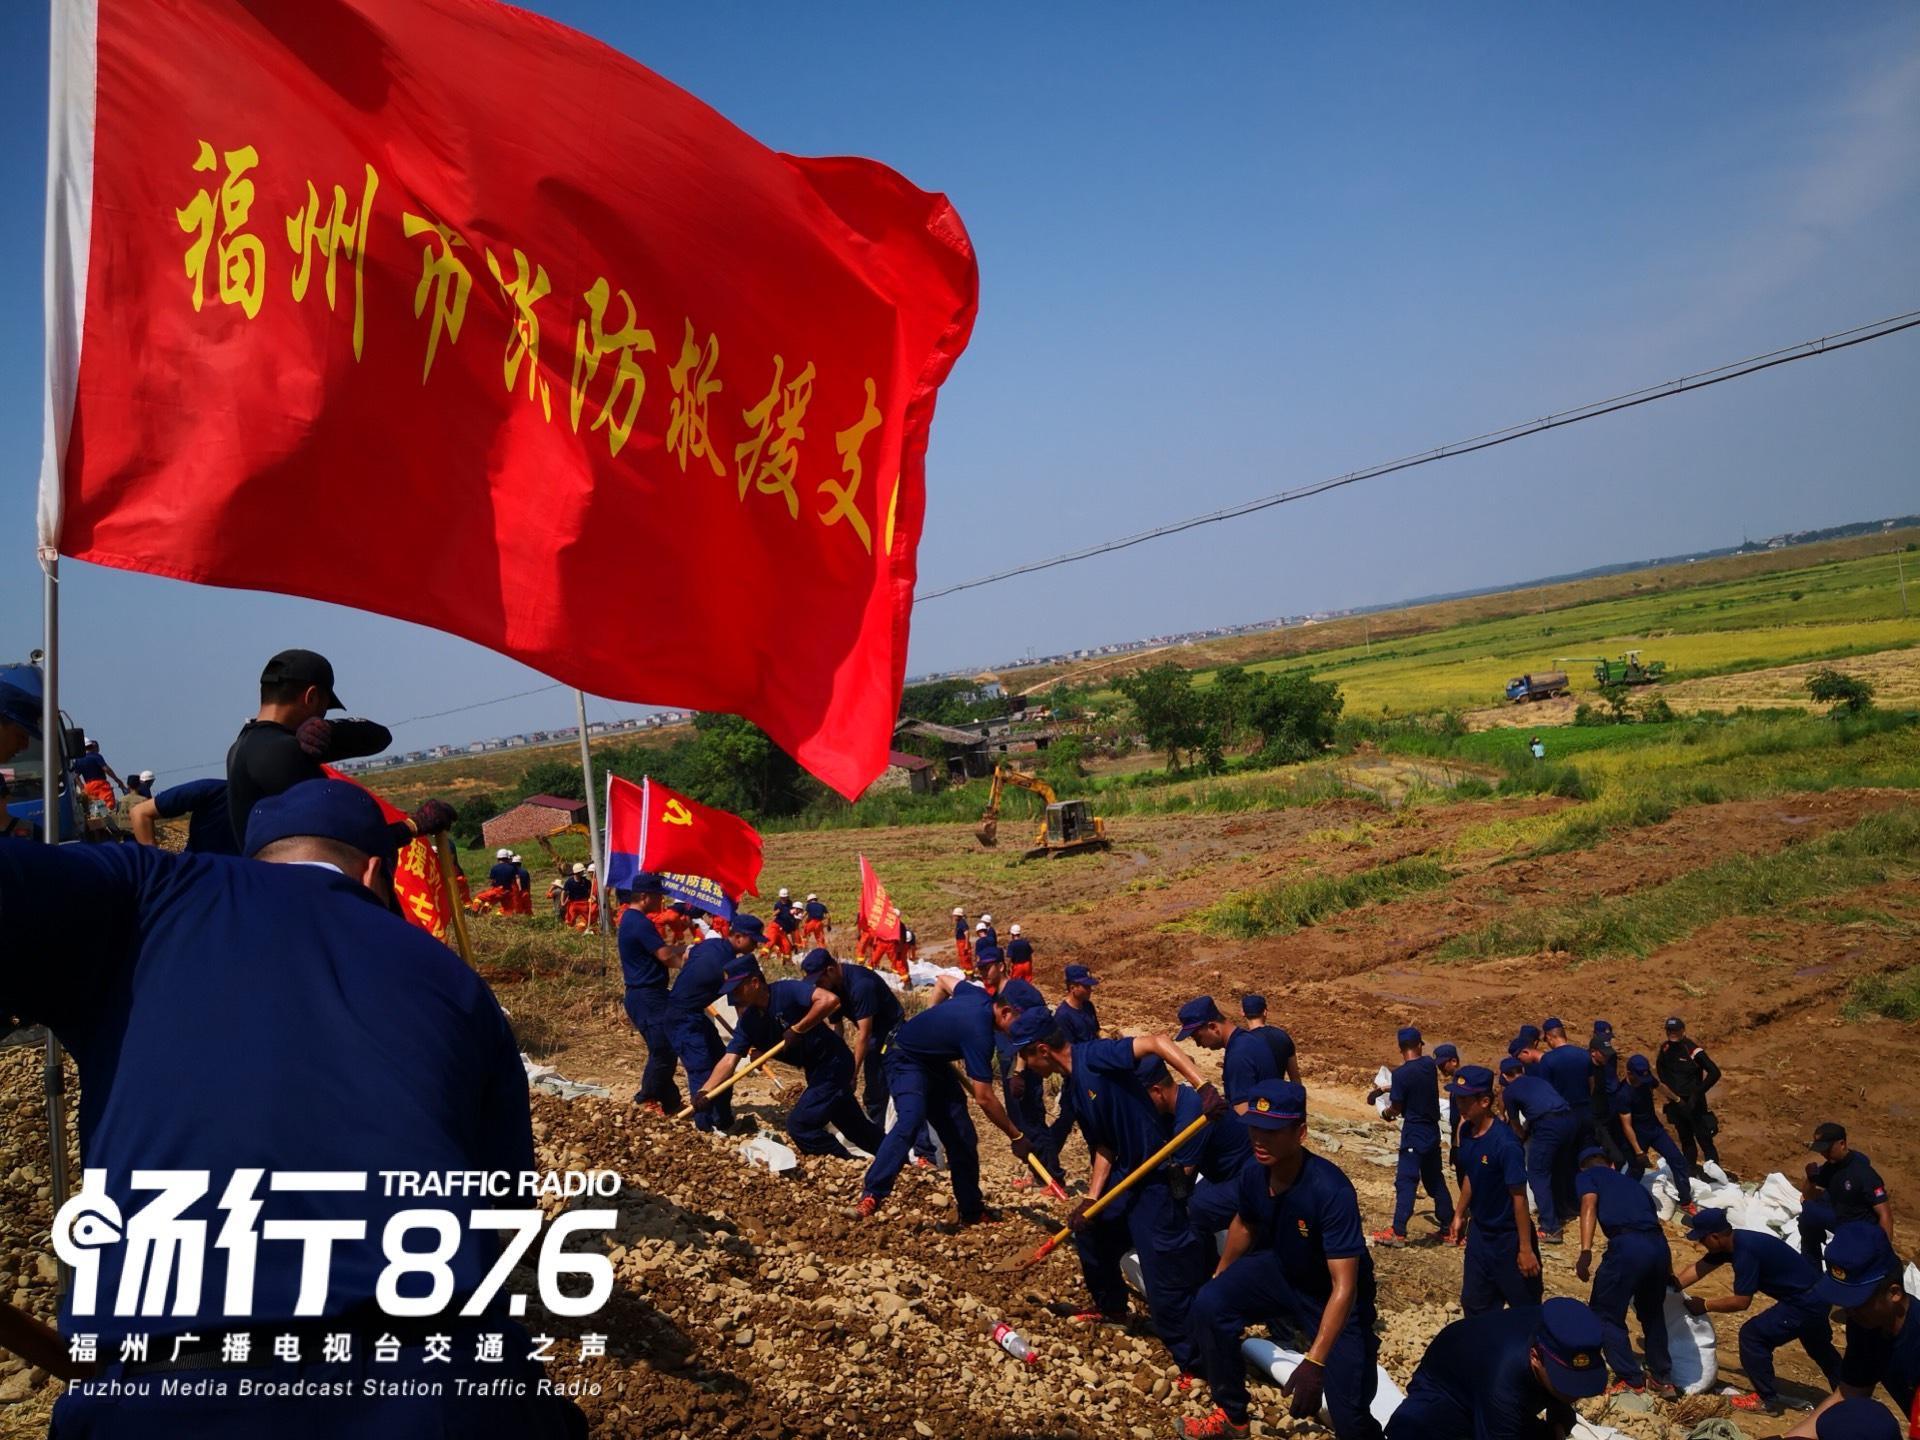 福州市消防救援支队70名指战员头顶烈日装填沙袋